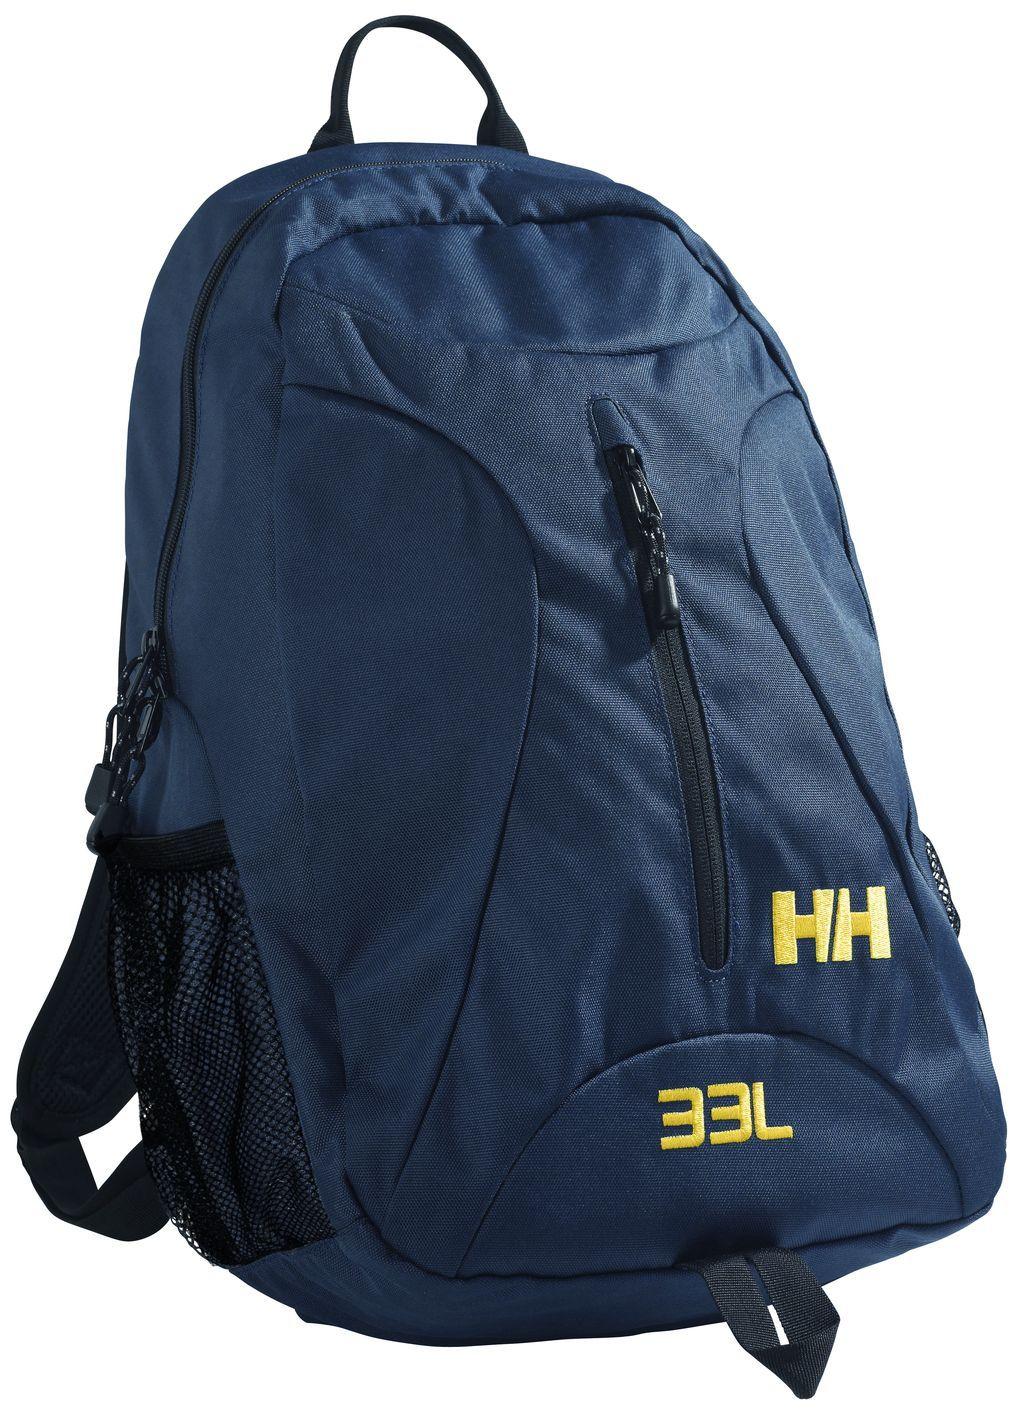 b8b3171a3792 Helly Hansen Aden 2.0 hátizsák | Hátizsákok | Hátizsákok